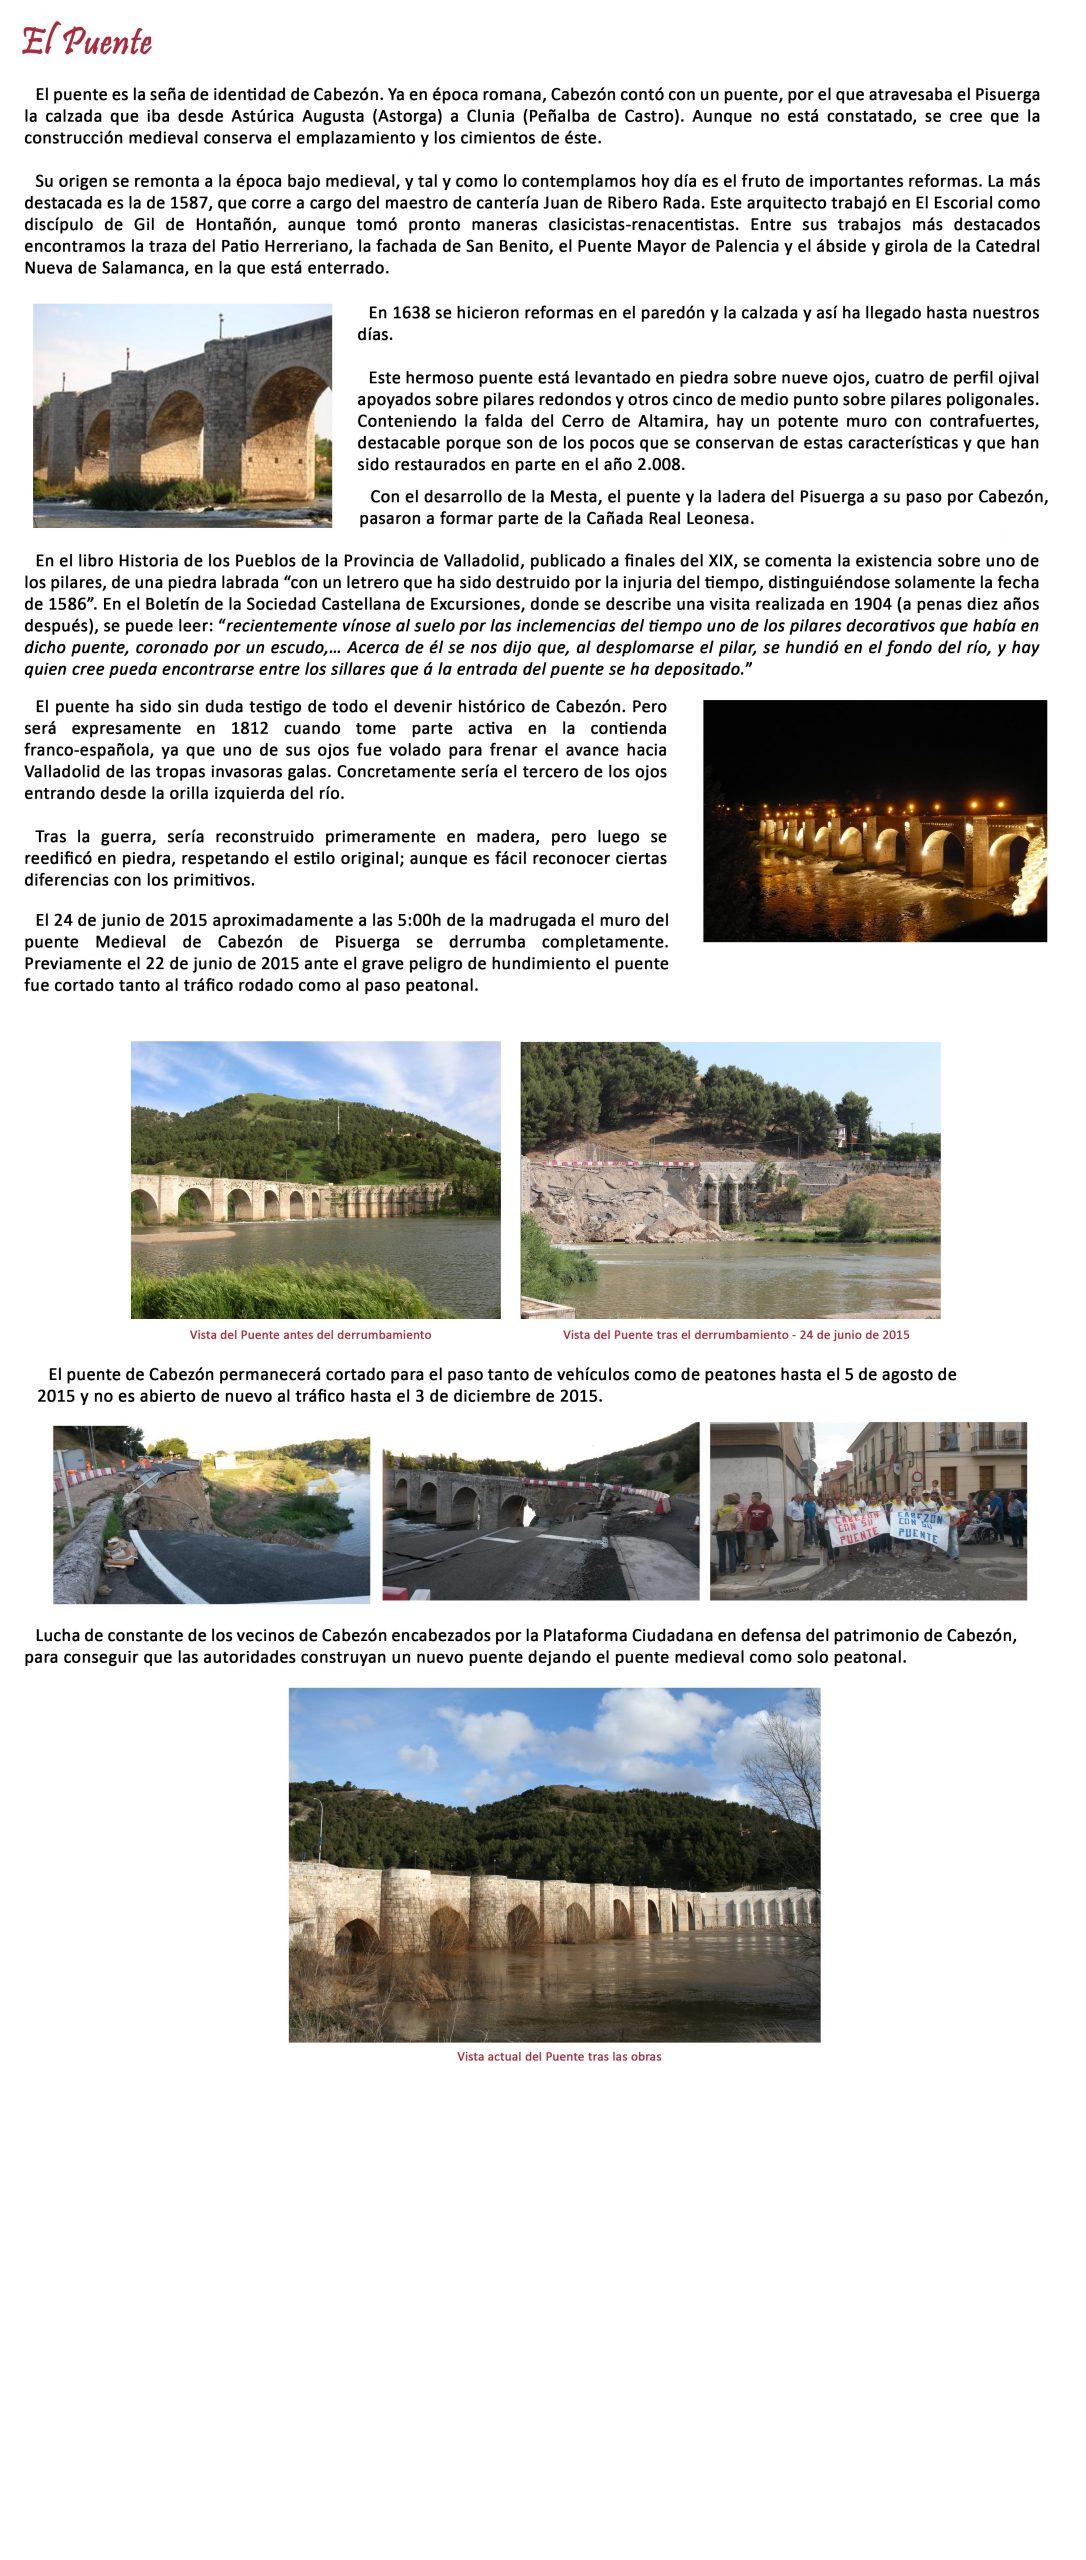 Puente Cabezón Pisuerga